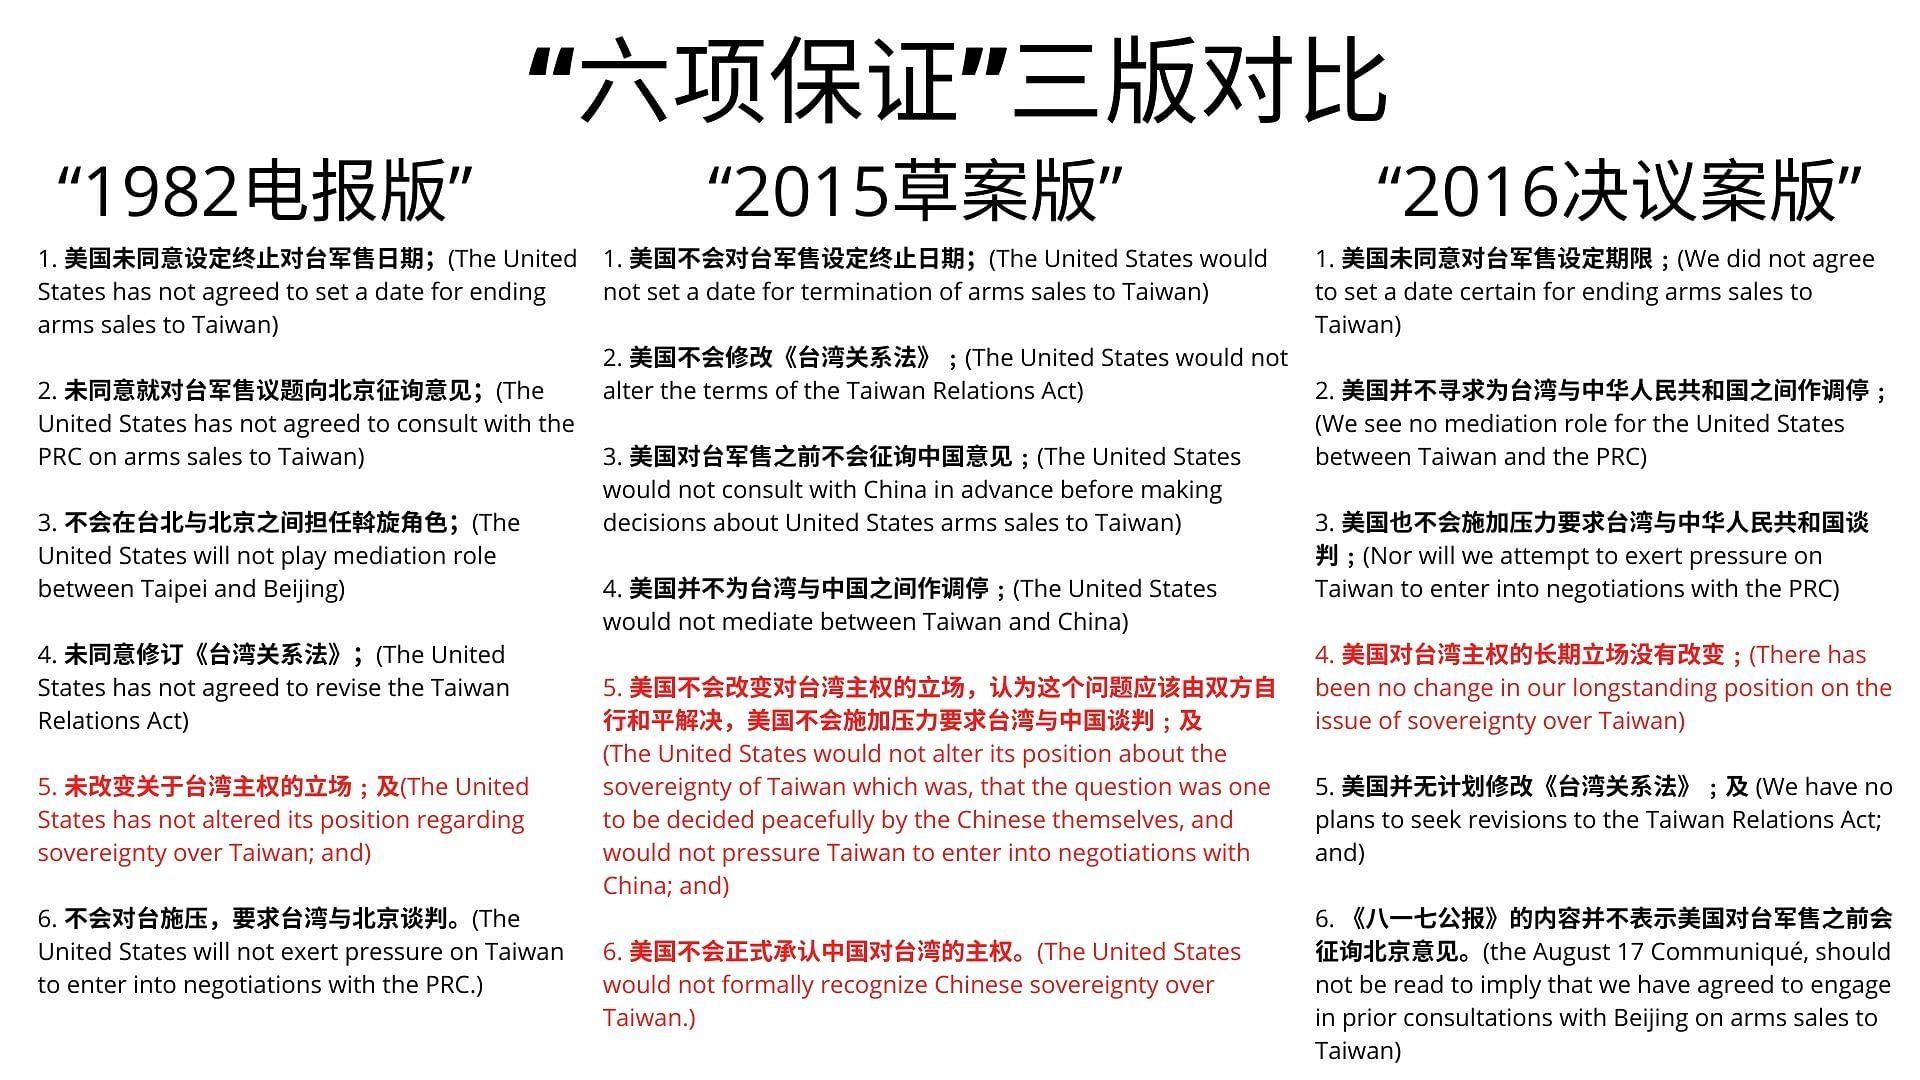 20201113_m_liu_xiang_bao_zheng_san_ban_dui_bi_.jpg